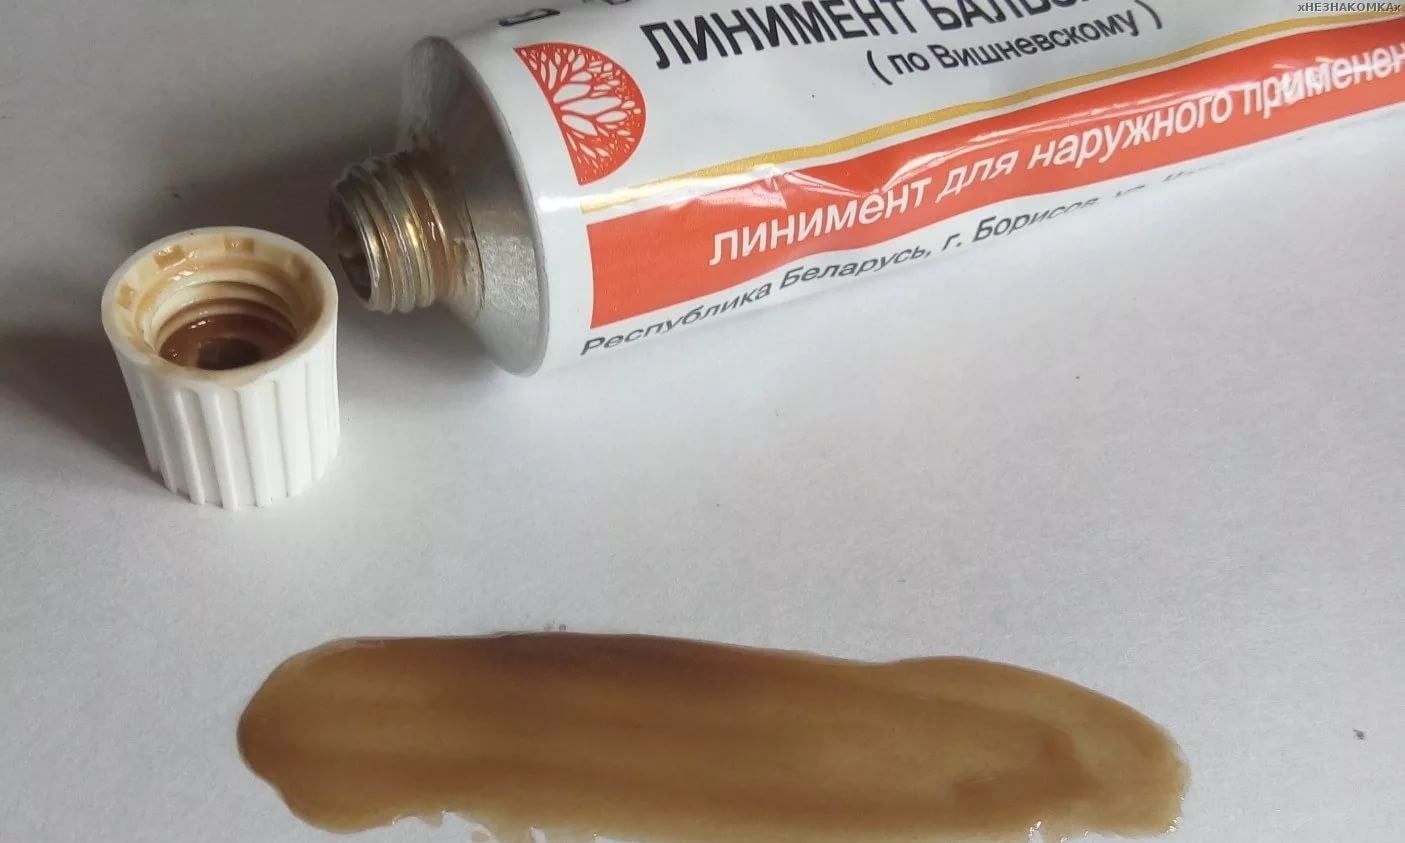 Как сделать компресс мазь вишневского